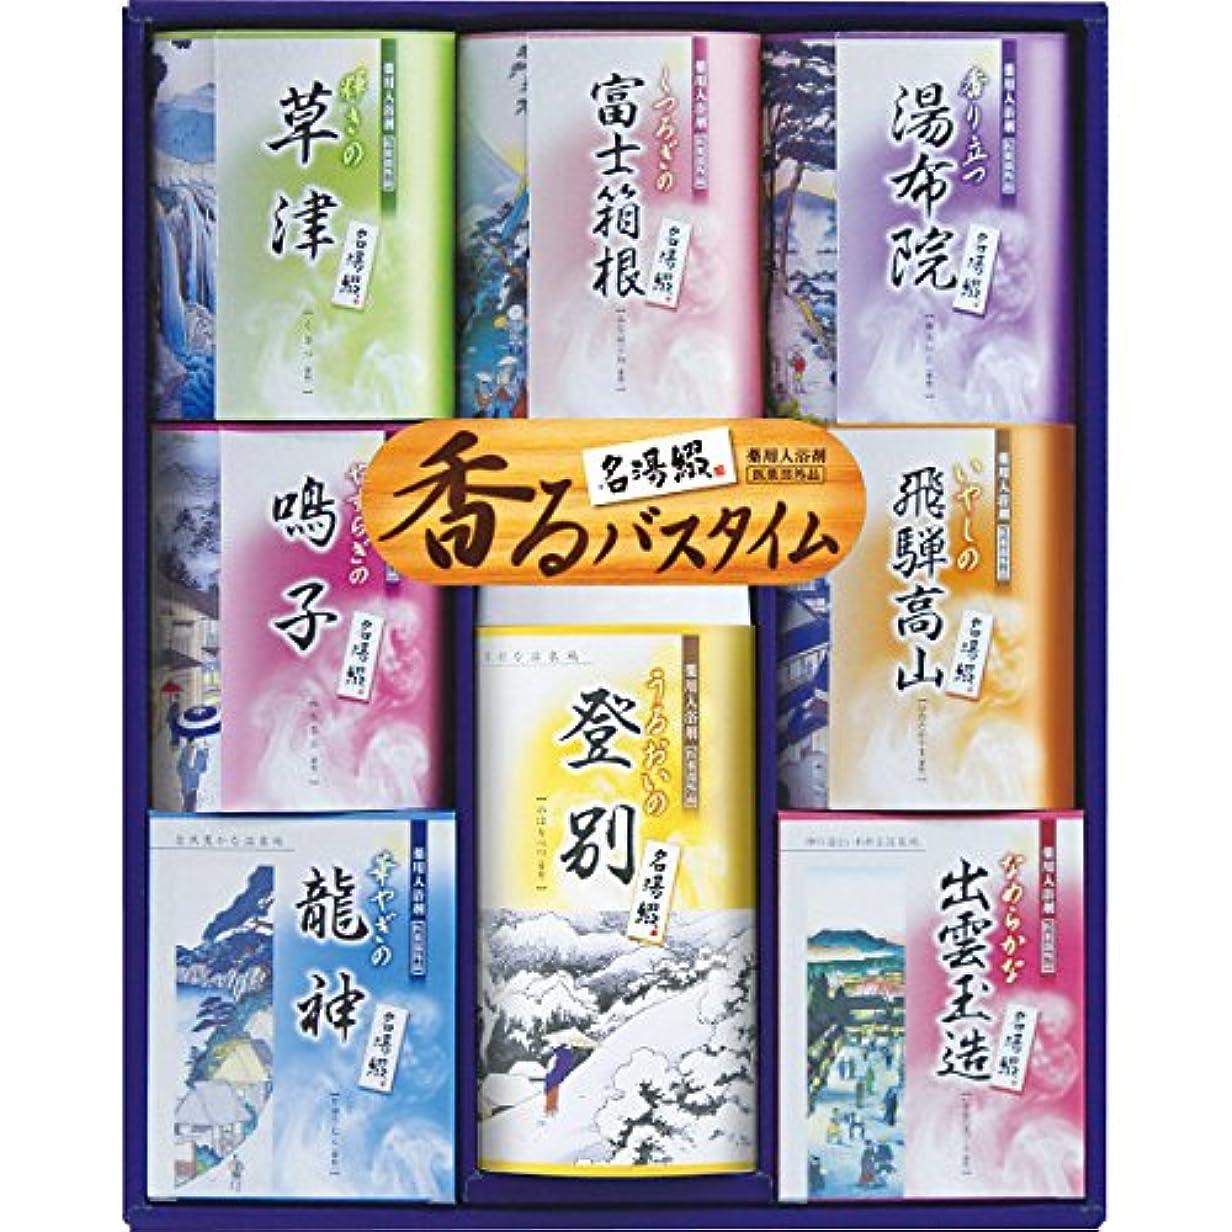 アカデミー突撃蛾敬老の日 贈り物 名湯綴入浴剤セット(SD)